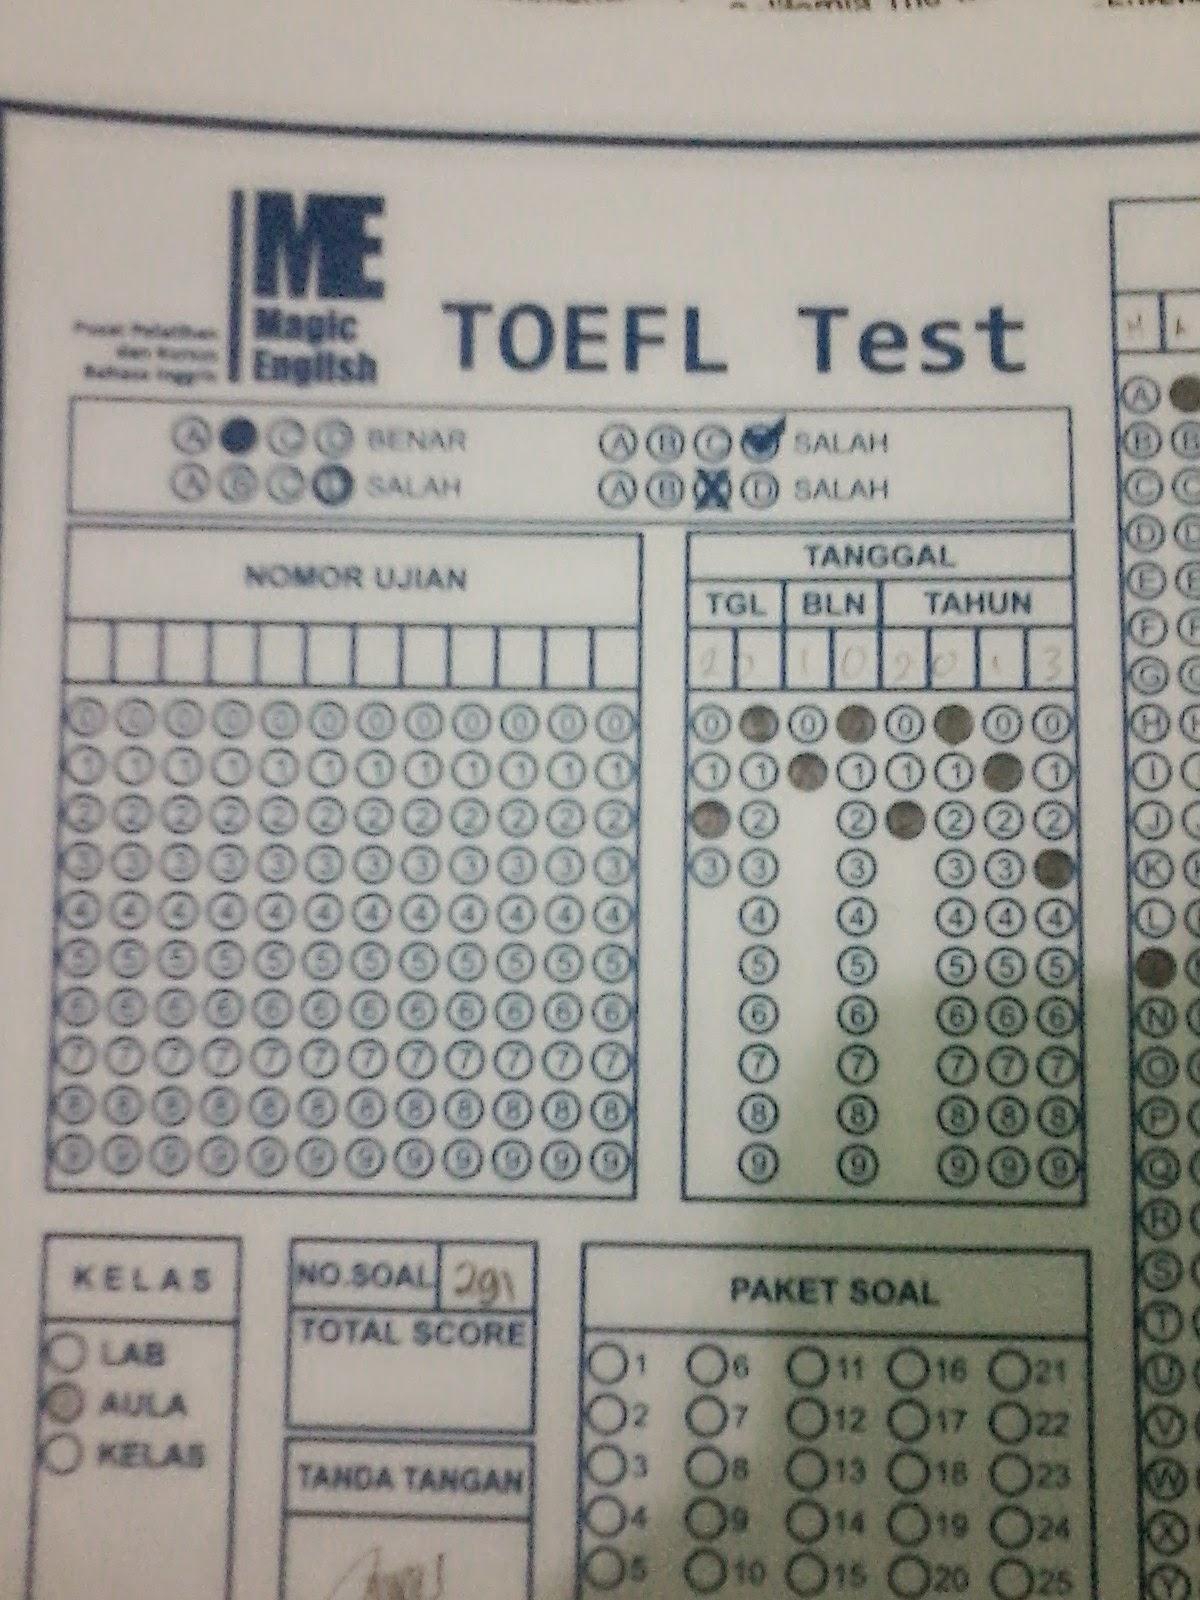 TOEFL Magic English